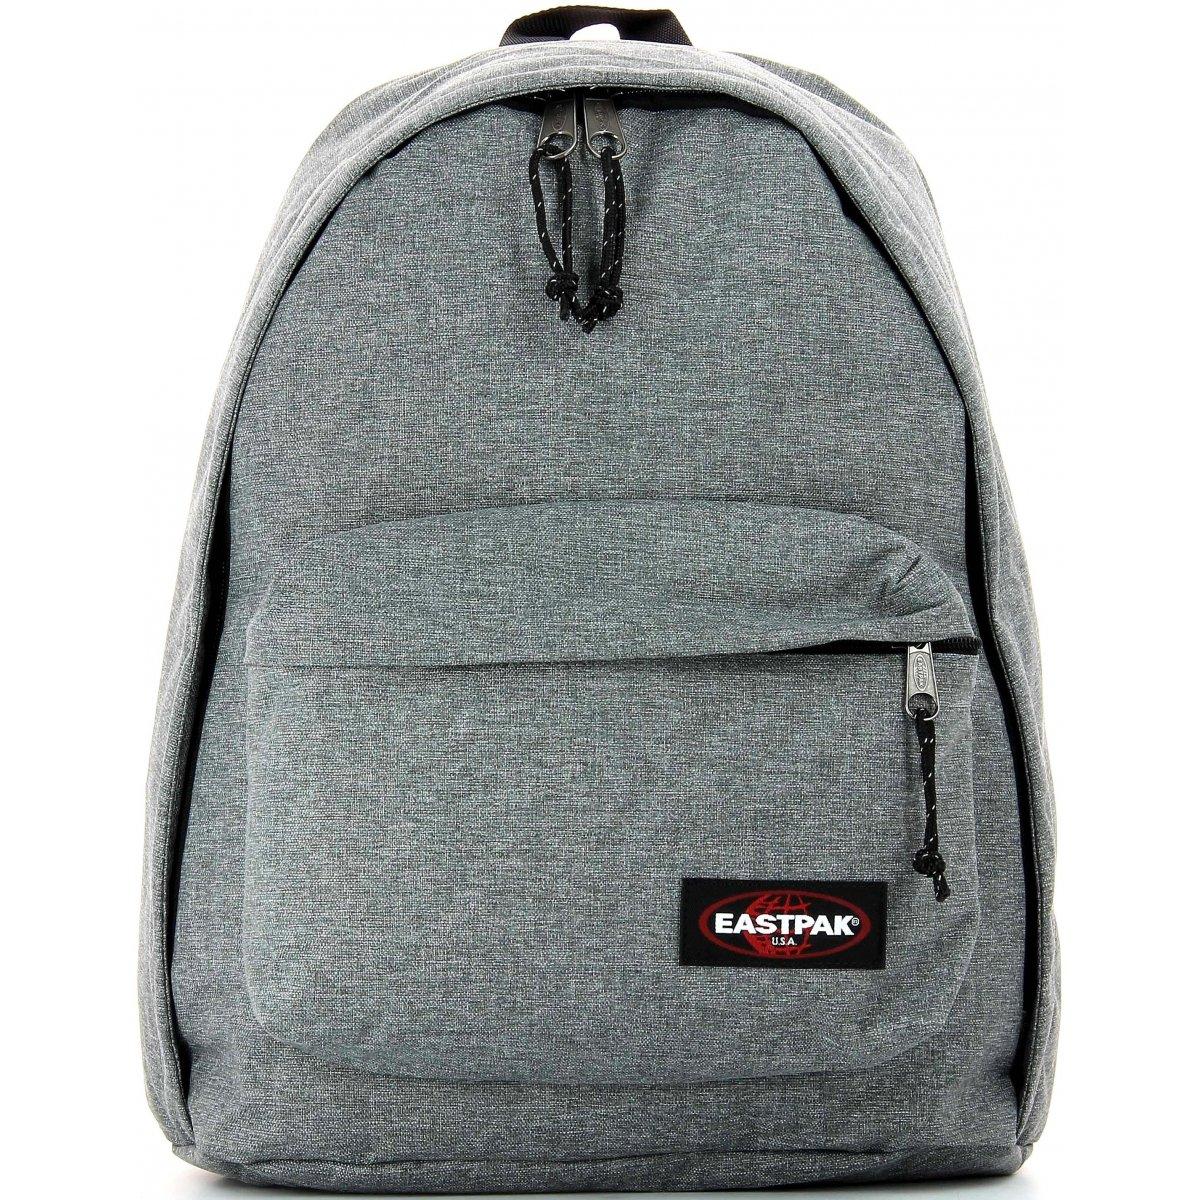 sac dos scolaire porte ordinateur ek767 eastpak. Black Bedroom Furniture Sets. Home Design Ideas